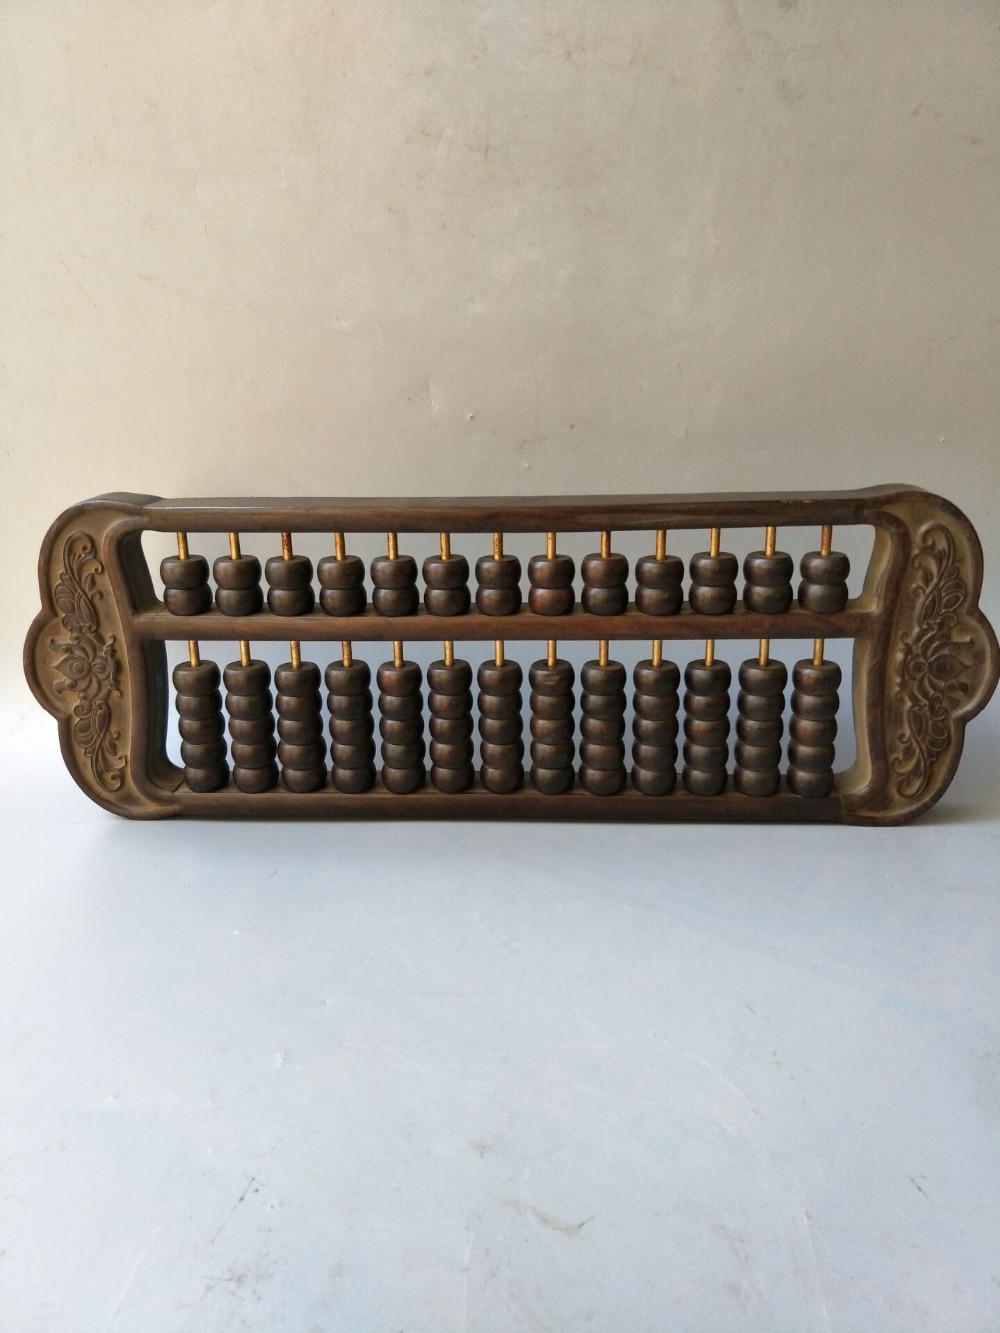 Outil de calcul Antique de la chine Rare-abacus, bois, artisanat de sculpture à la main, Collection et ornement, livraison gratuite